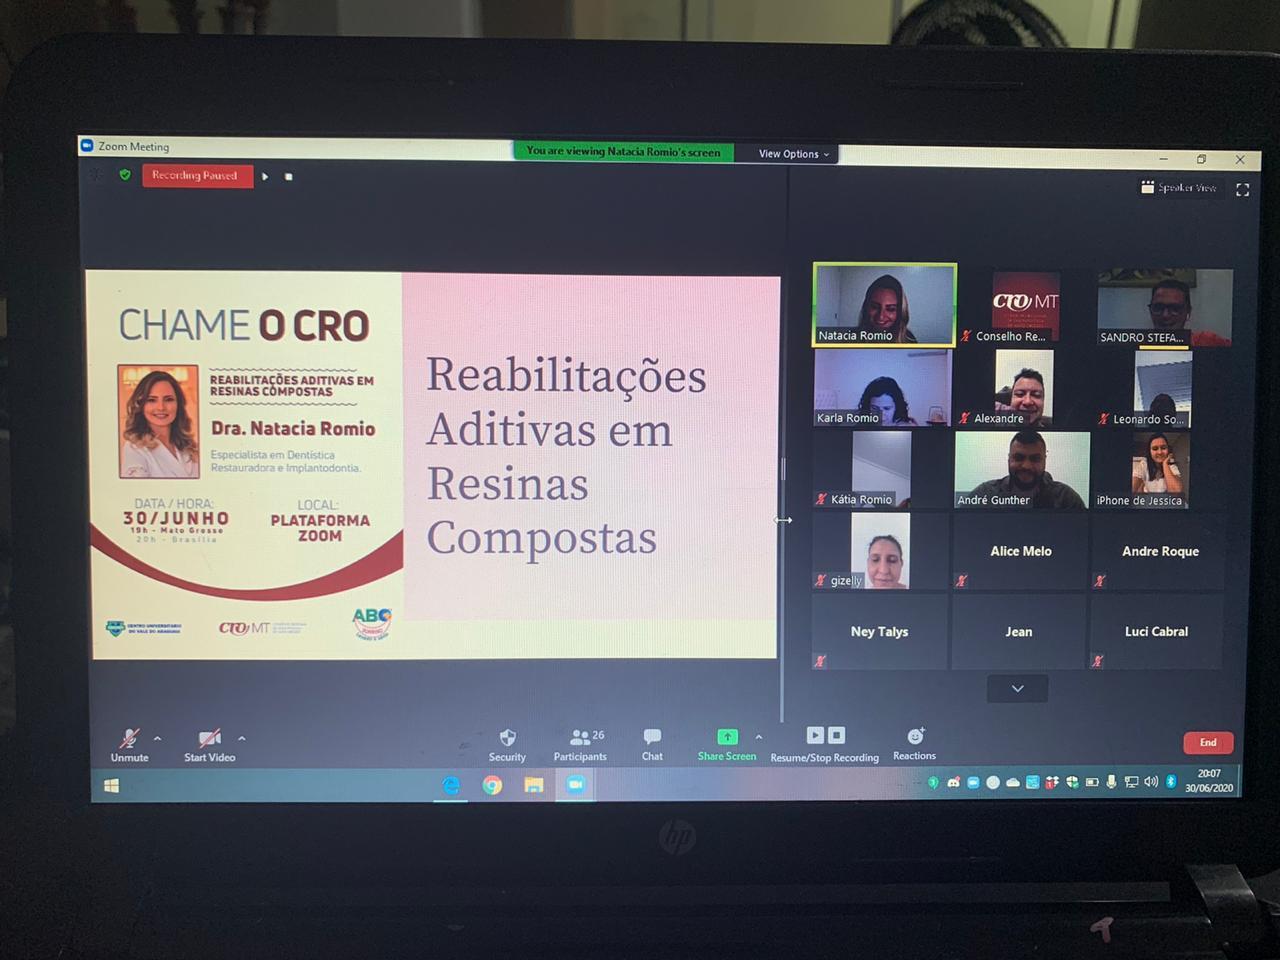 Chame o CRO na versão on-line reúne mais de 60 pessoas